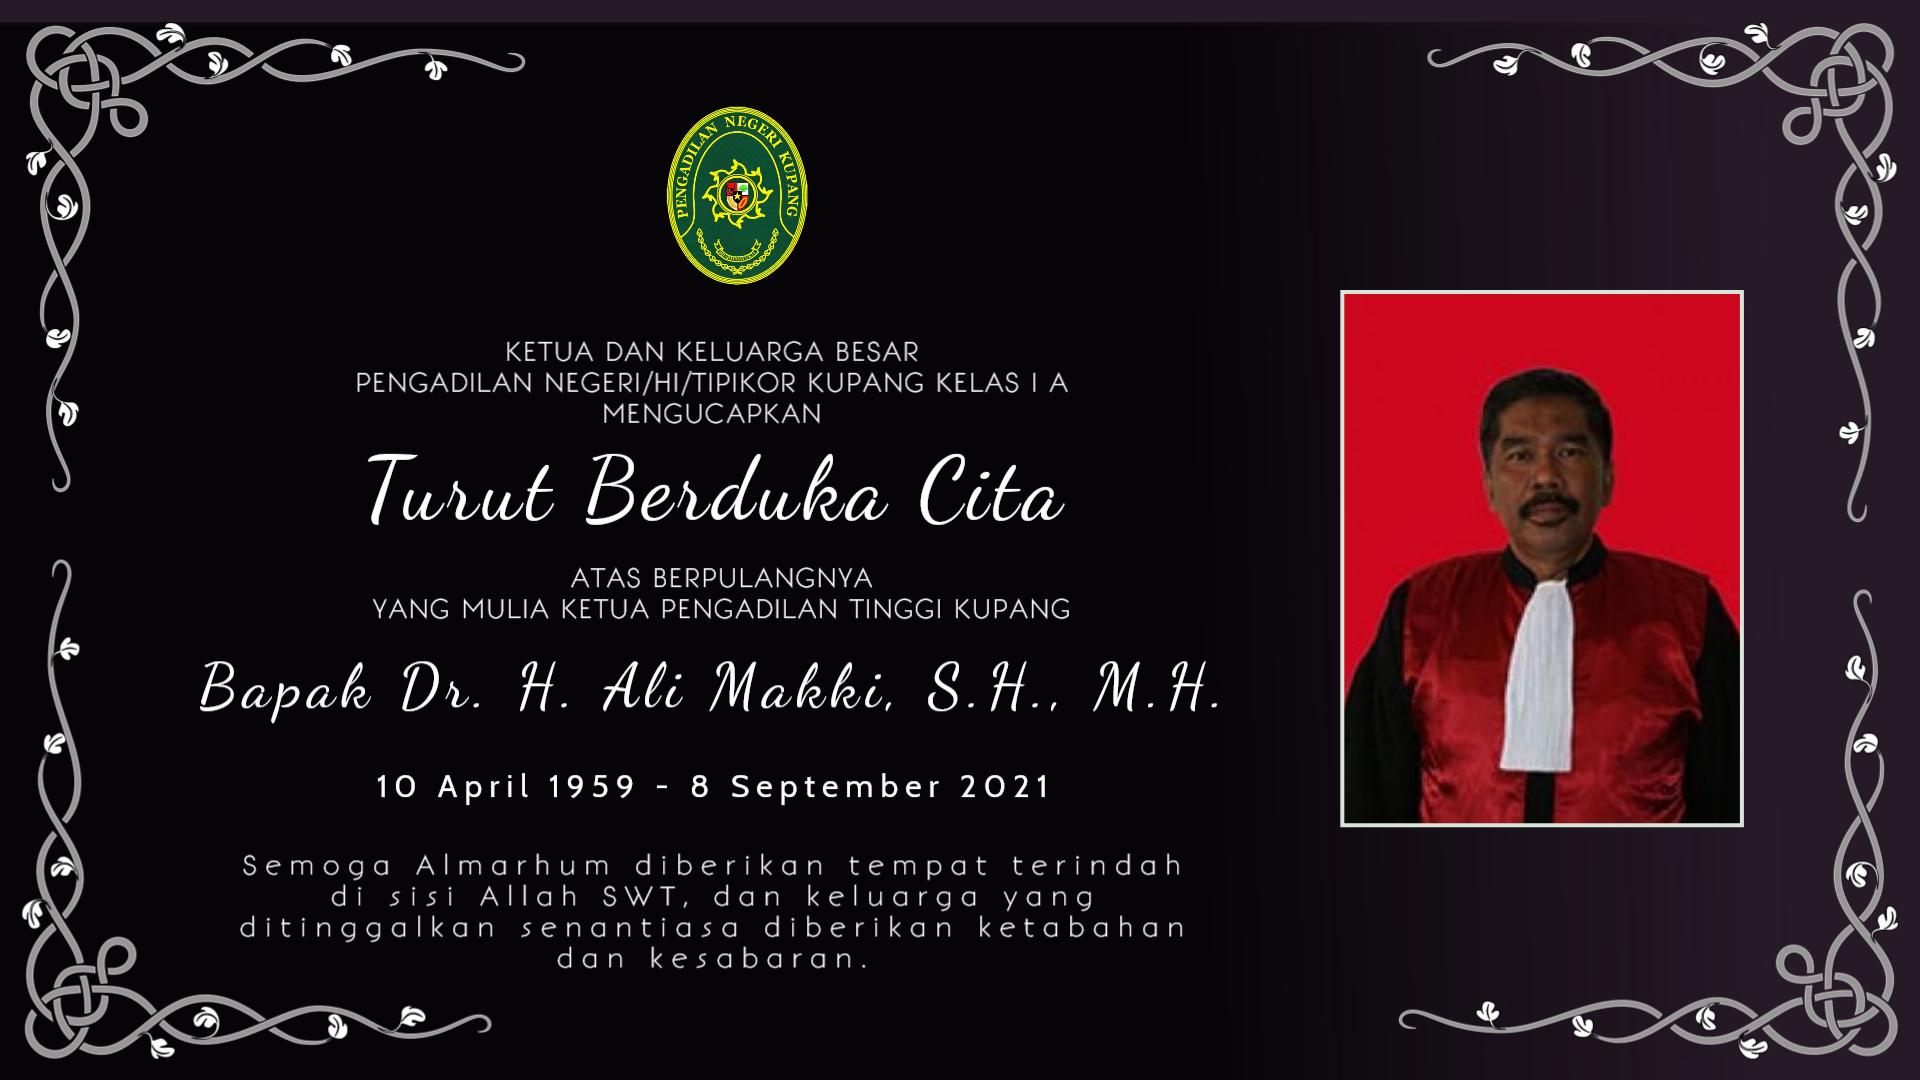 Turut Berduka Cita Atas Berpulangnya Ketua Pengadilan Tinggi Kupang